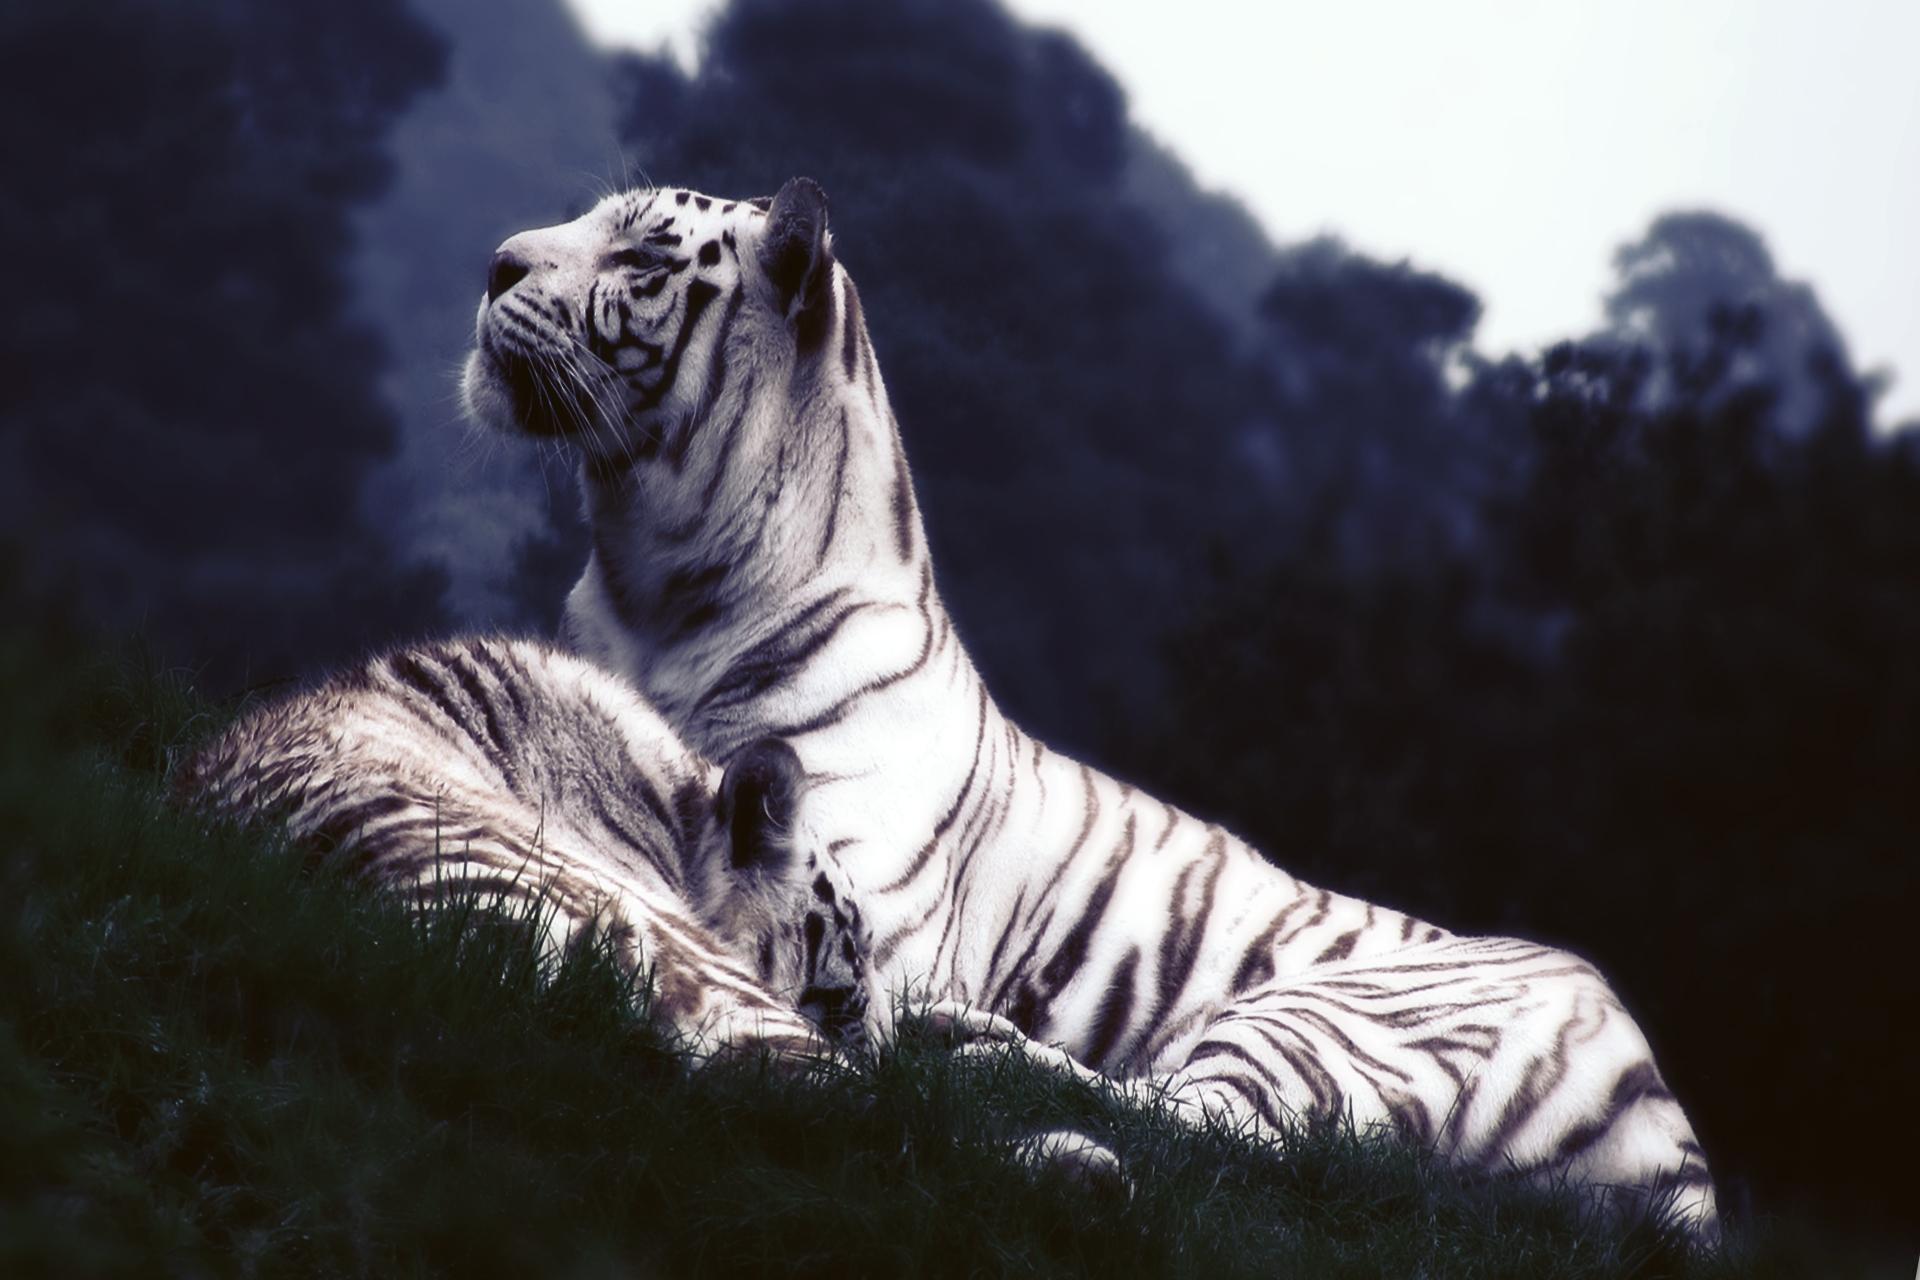 119783壁紙のダウンロード動物, 睡眠, 夢, 草, 阪神タイガース-スクリーンセーバーと写真を無料で